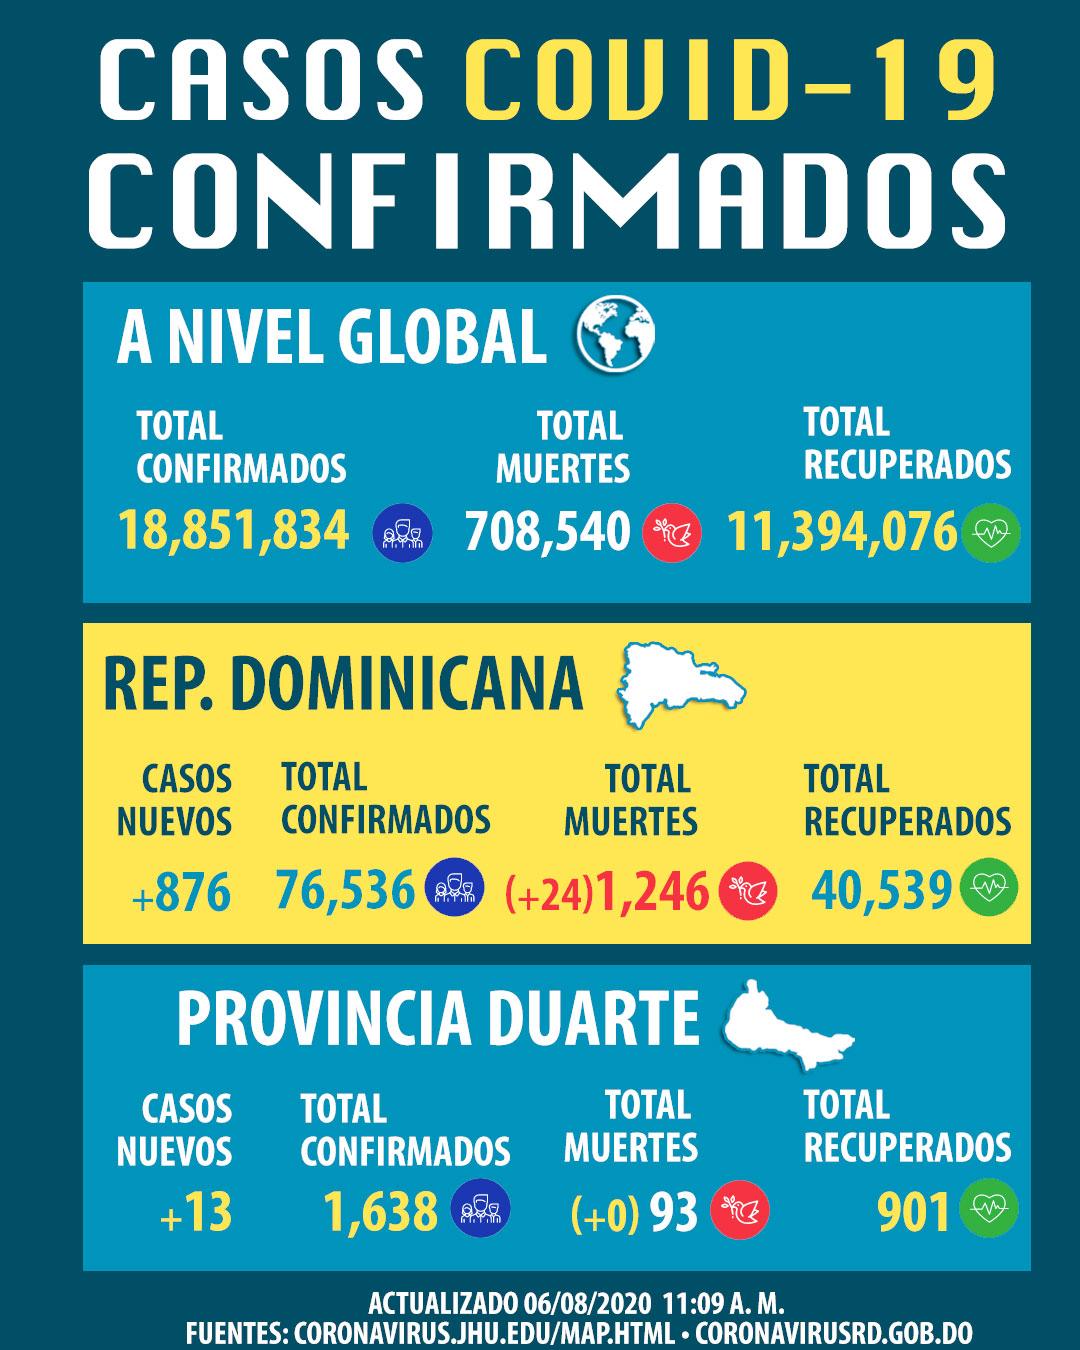 Reportan 876 casos nuevos de coronavirus con 24 fallecimientos en República Dominicana